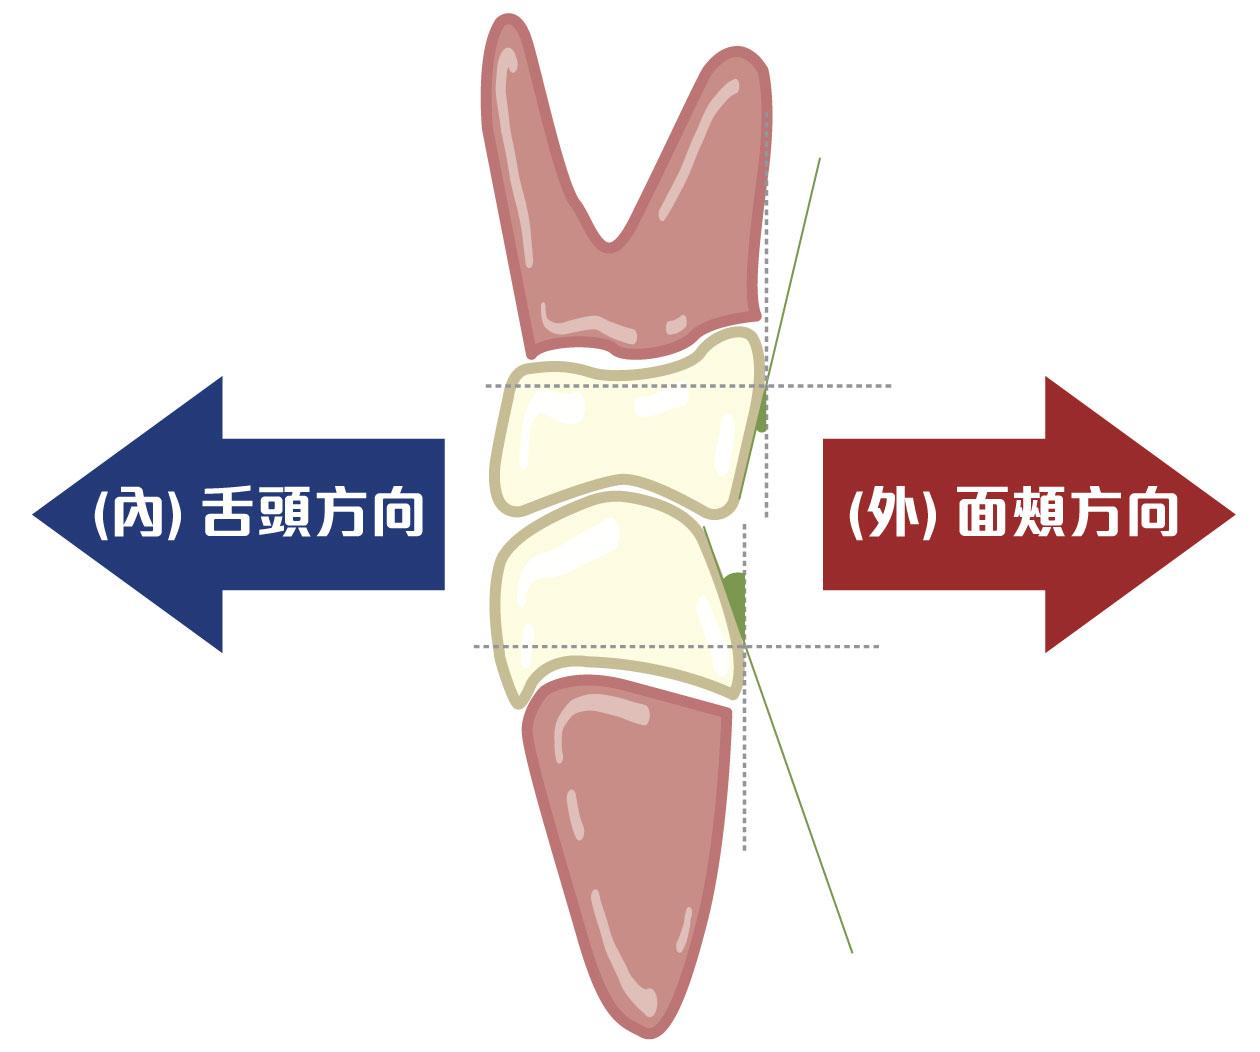 上排門牙牙冠向唇側傾斜,其他牙齒牙冠都向舌側傾斜